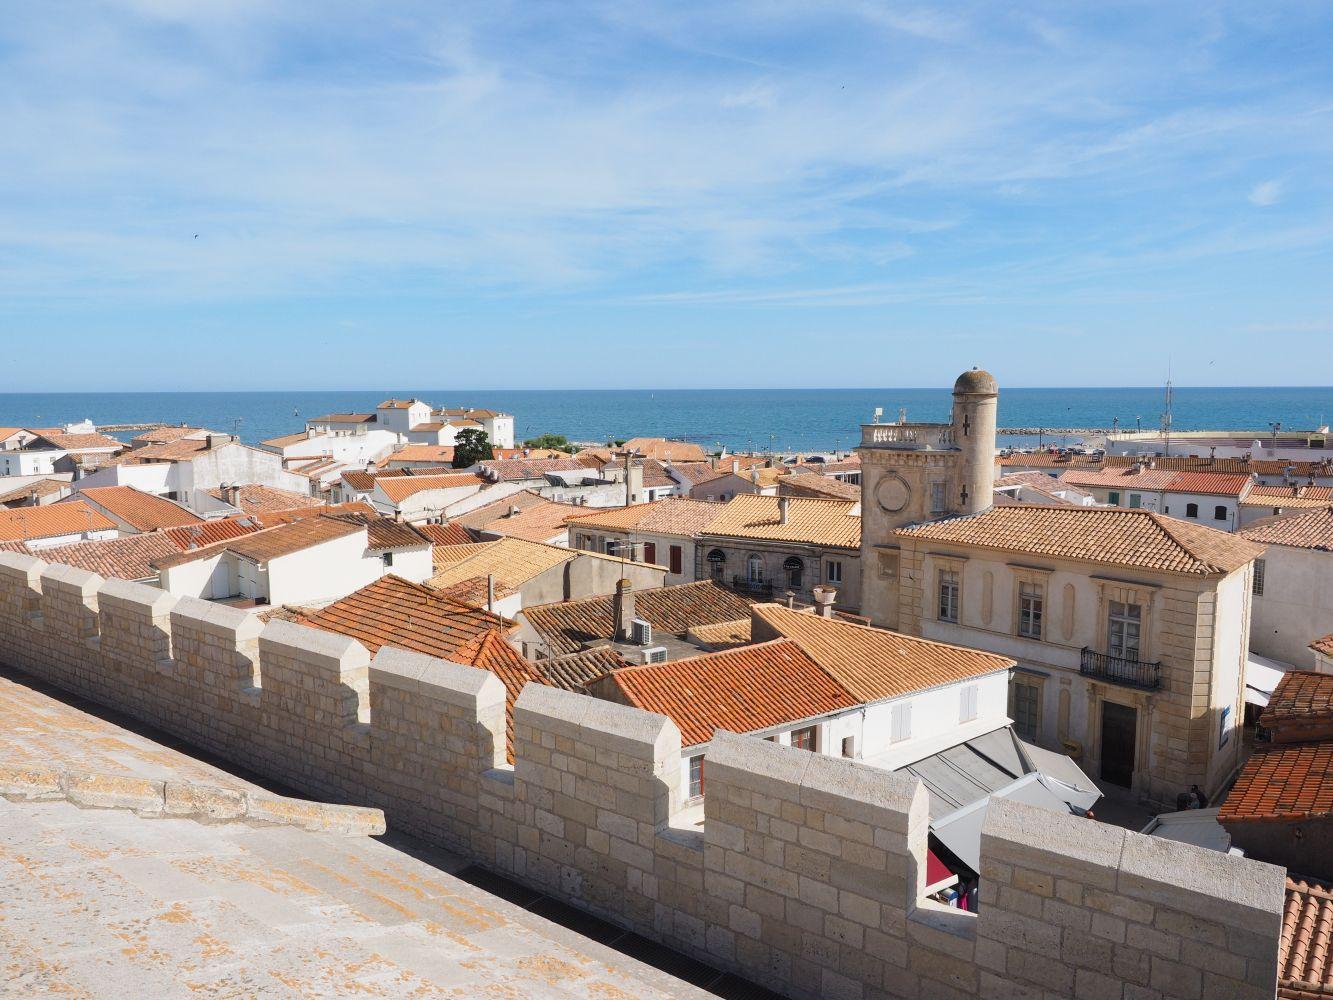 saintes-maries-de-la-mer-1522022